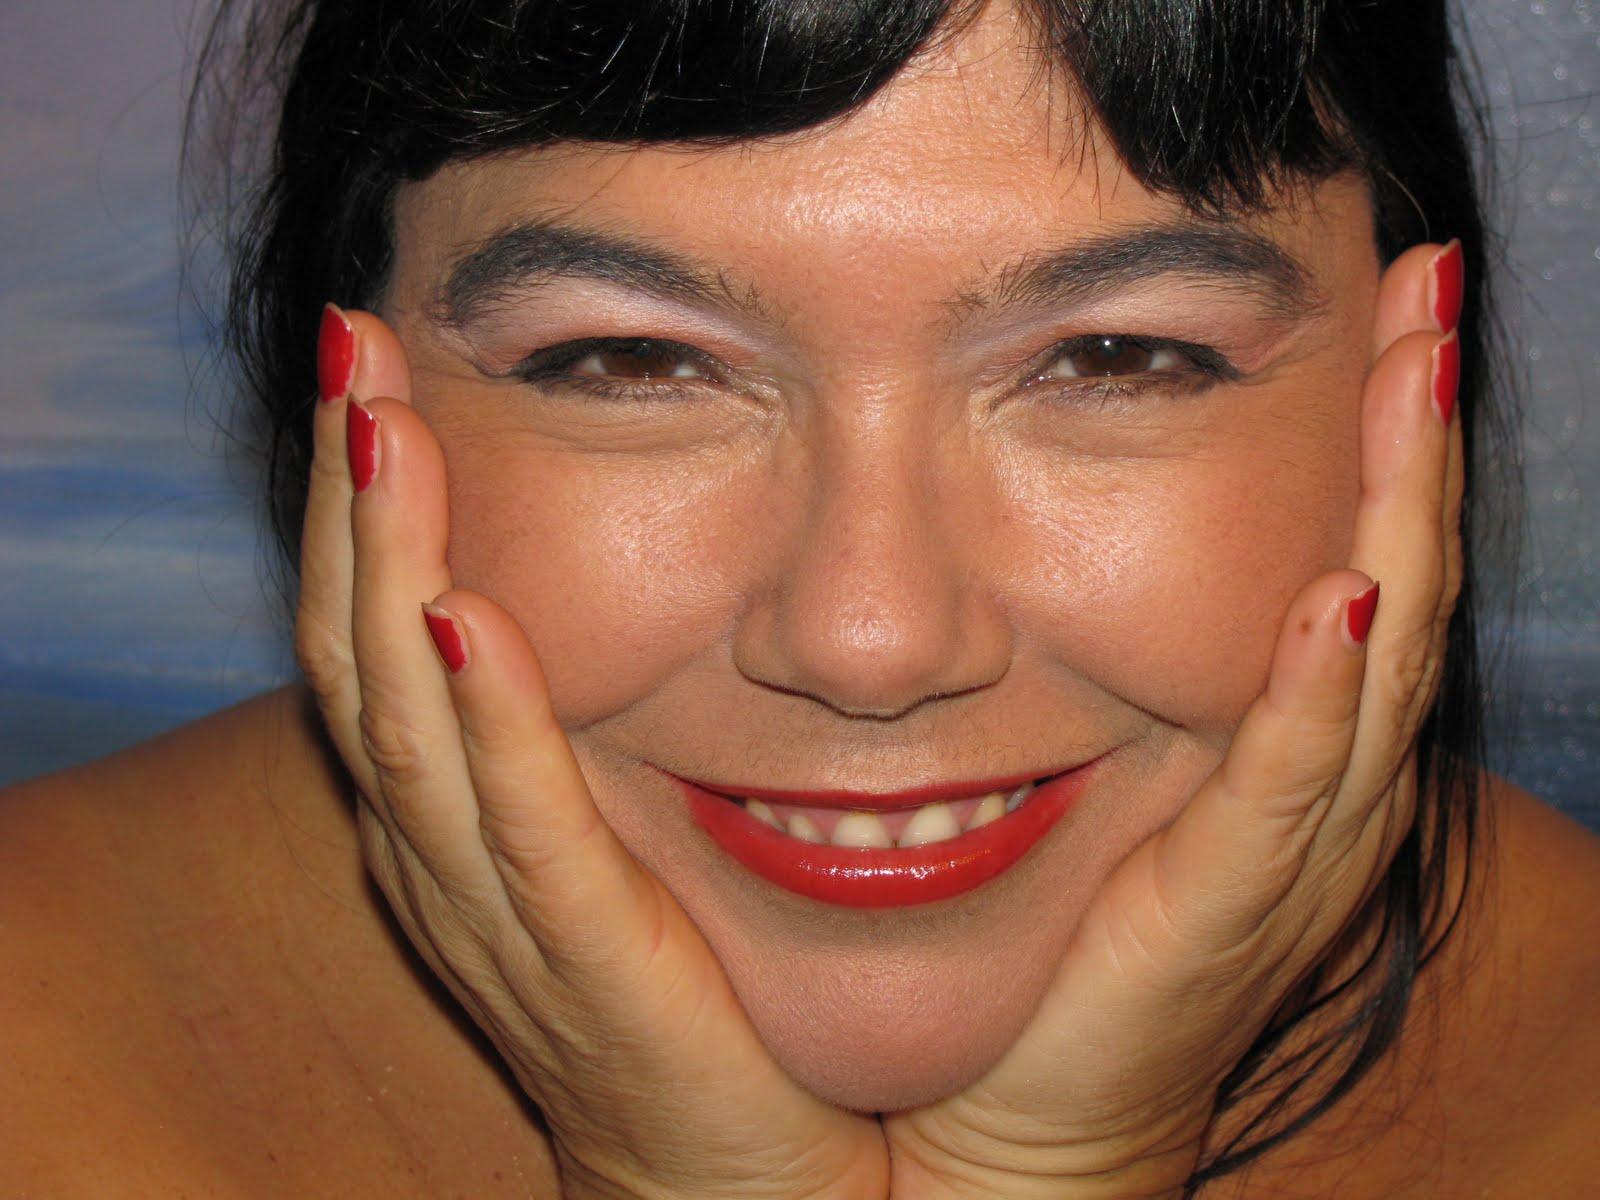 http://2.bp.blogspot.com/_oxY2qgoQafI/SwKljAXhIuI/AAAAAAAAAY4/04rG-YNsZ58/s1600/Cartas+de+la+memoria+039.jpg